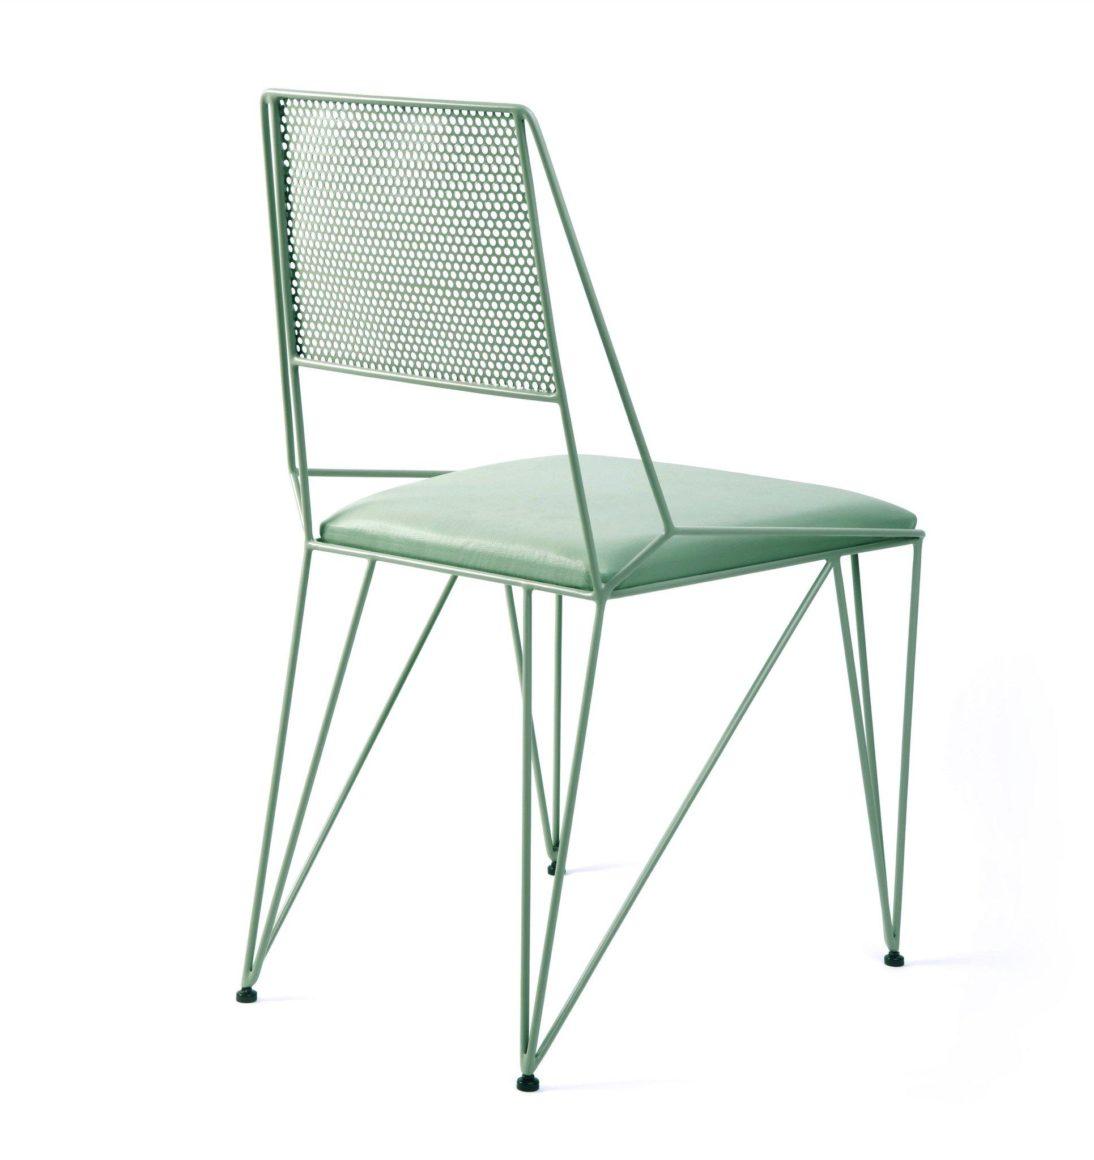 cadeiras ema molio design